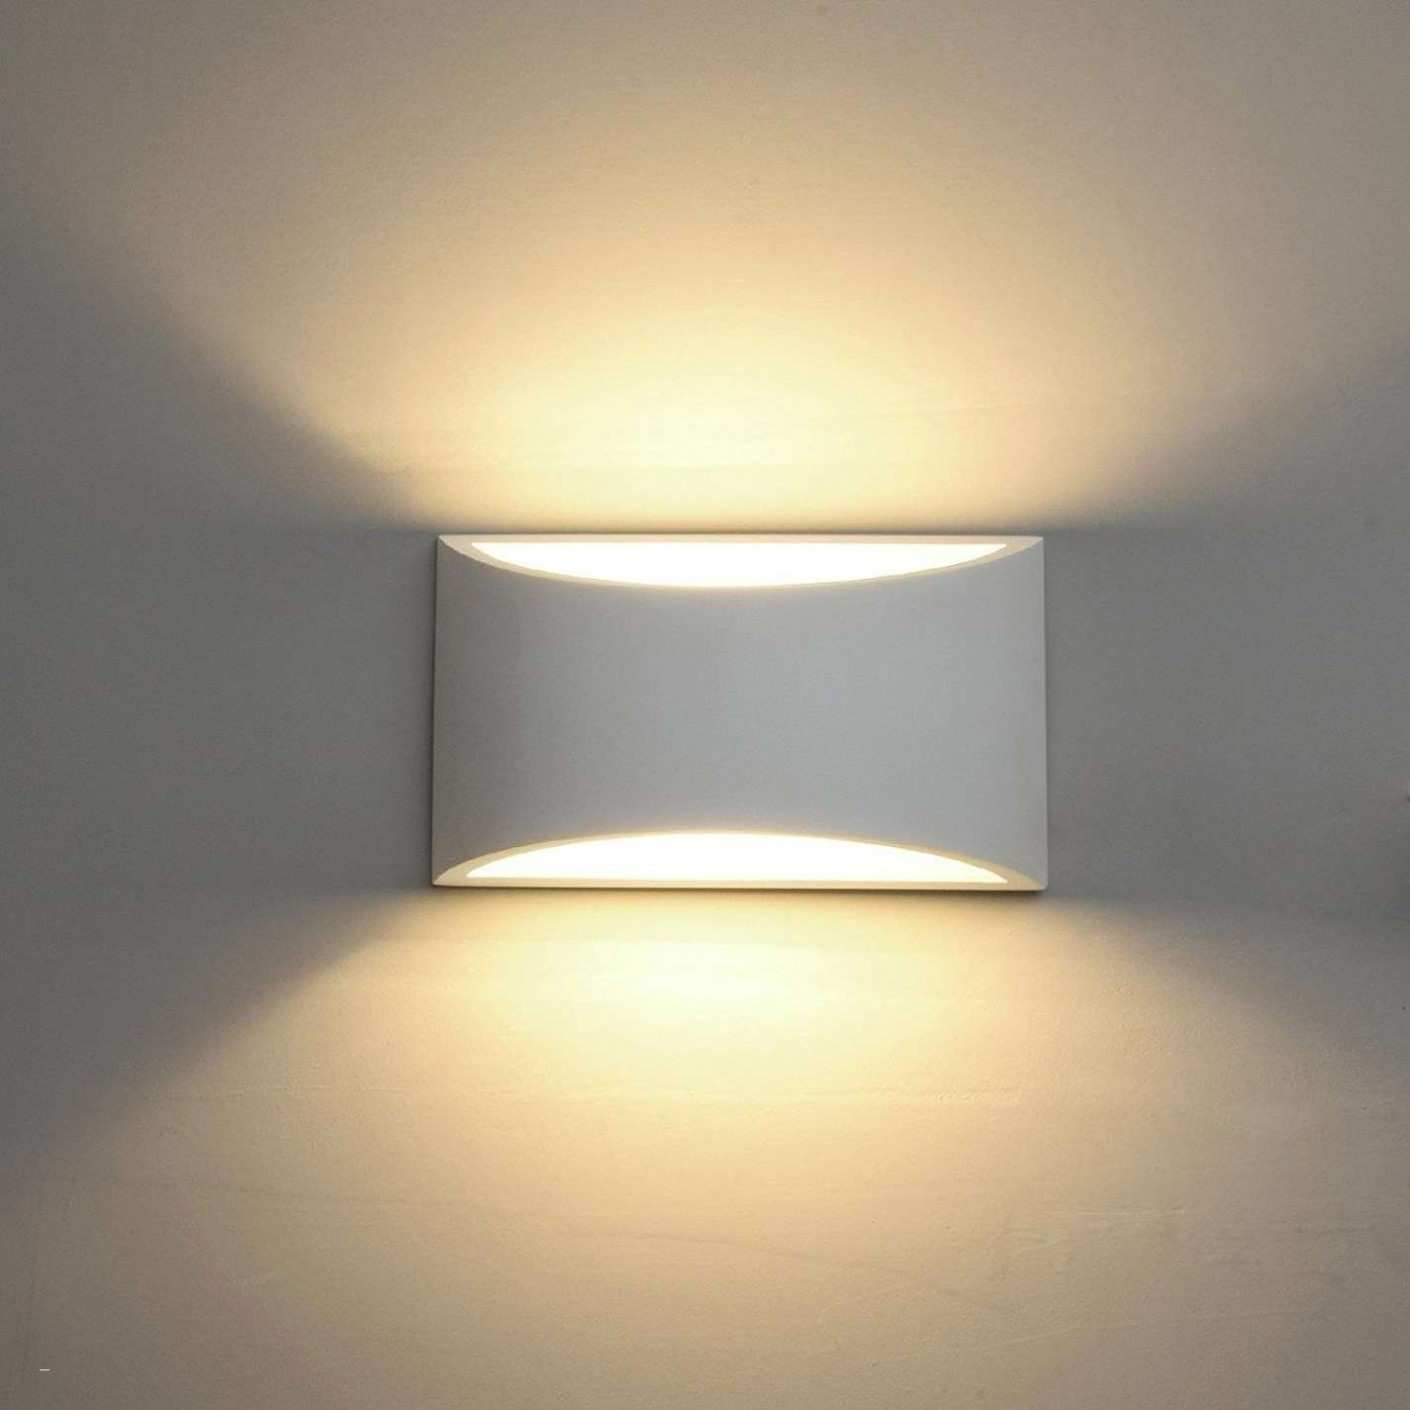 led lampen garten frisch 34 luxus deckenlampe wohnzimmer led elegant of led lampen garten